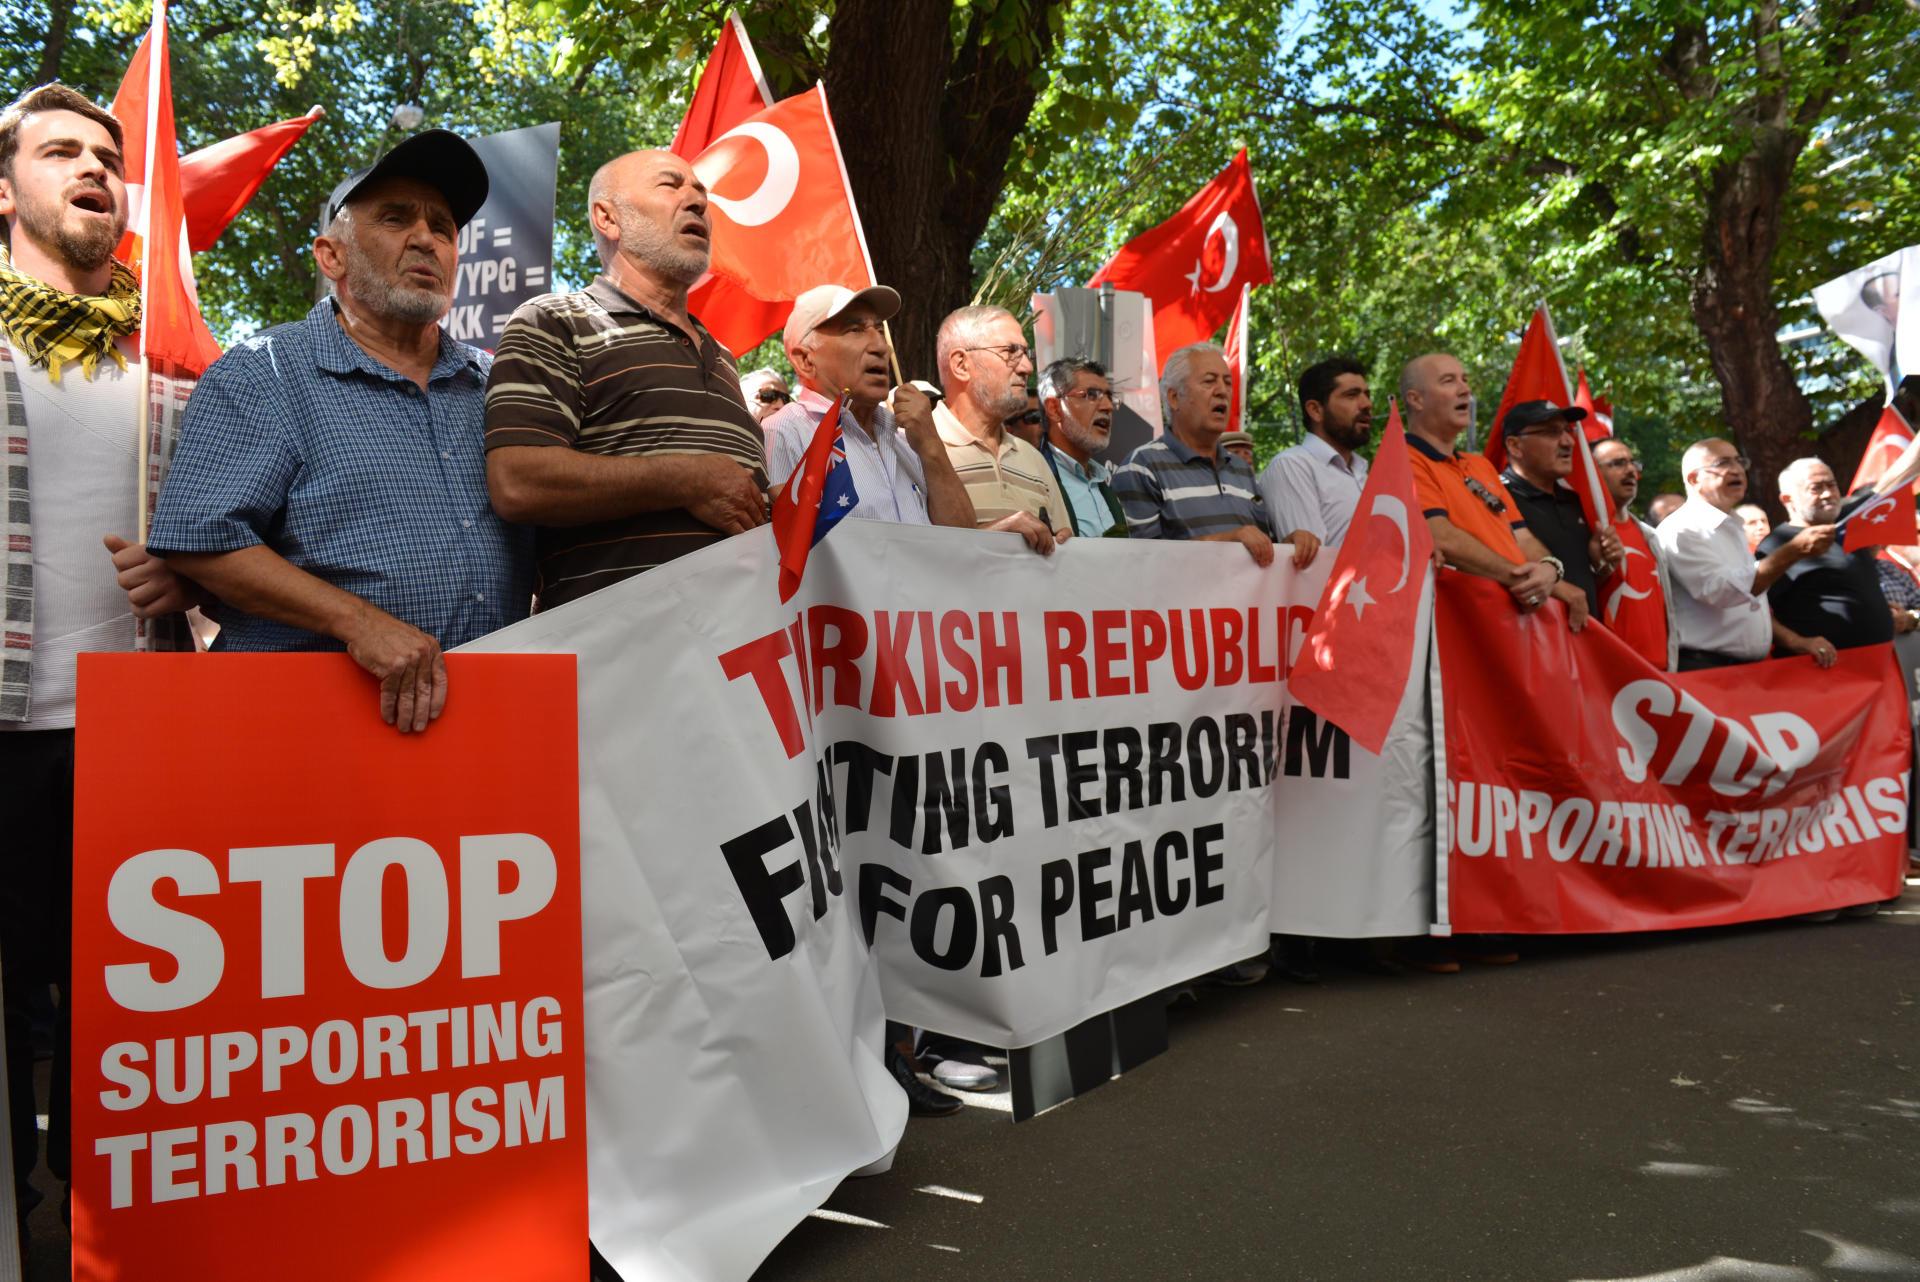 В Австралии прошел новый митинг в поддержку Турции